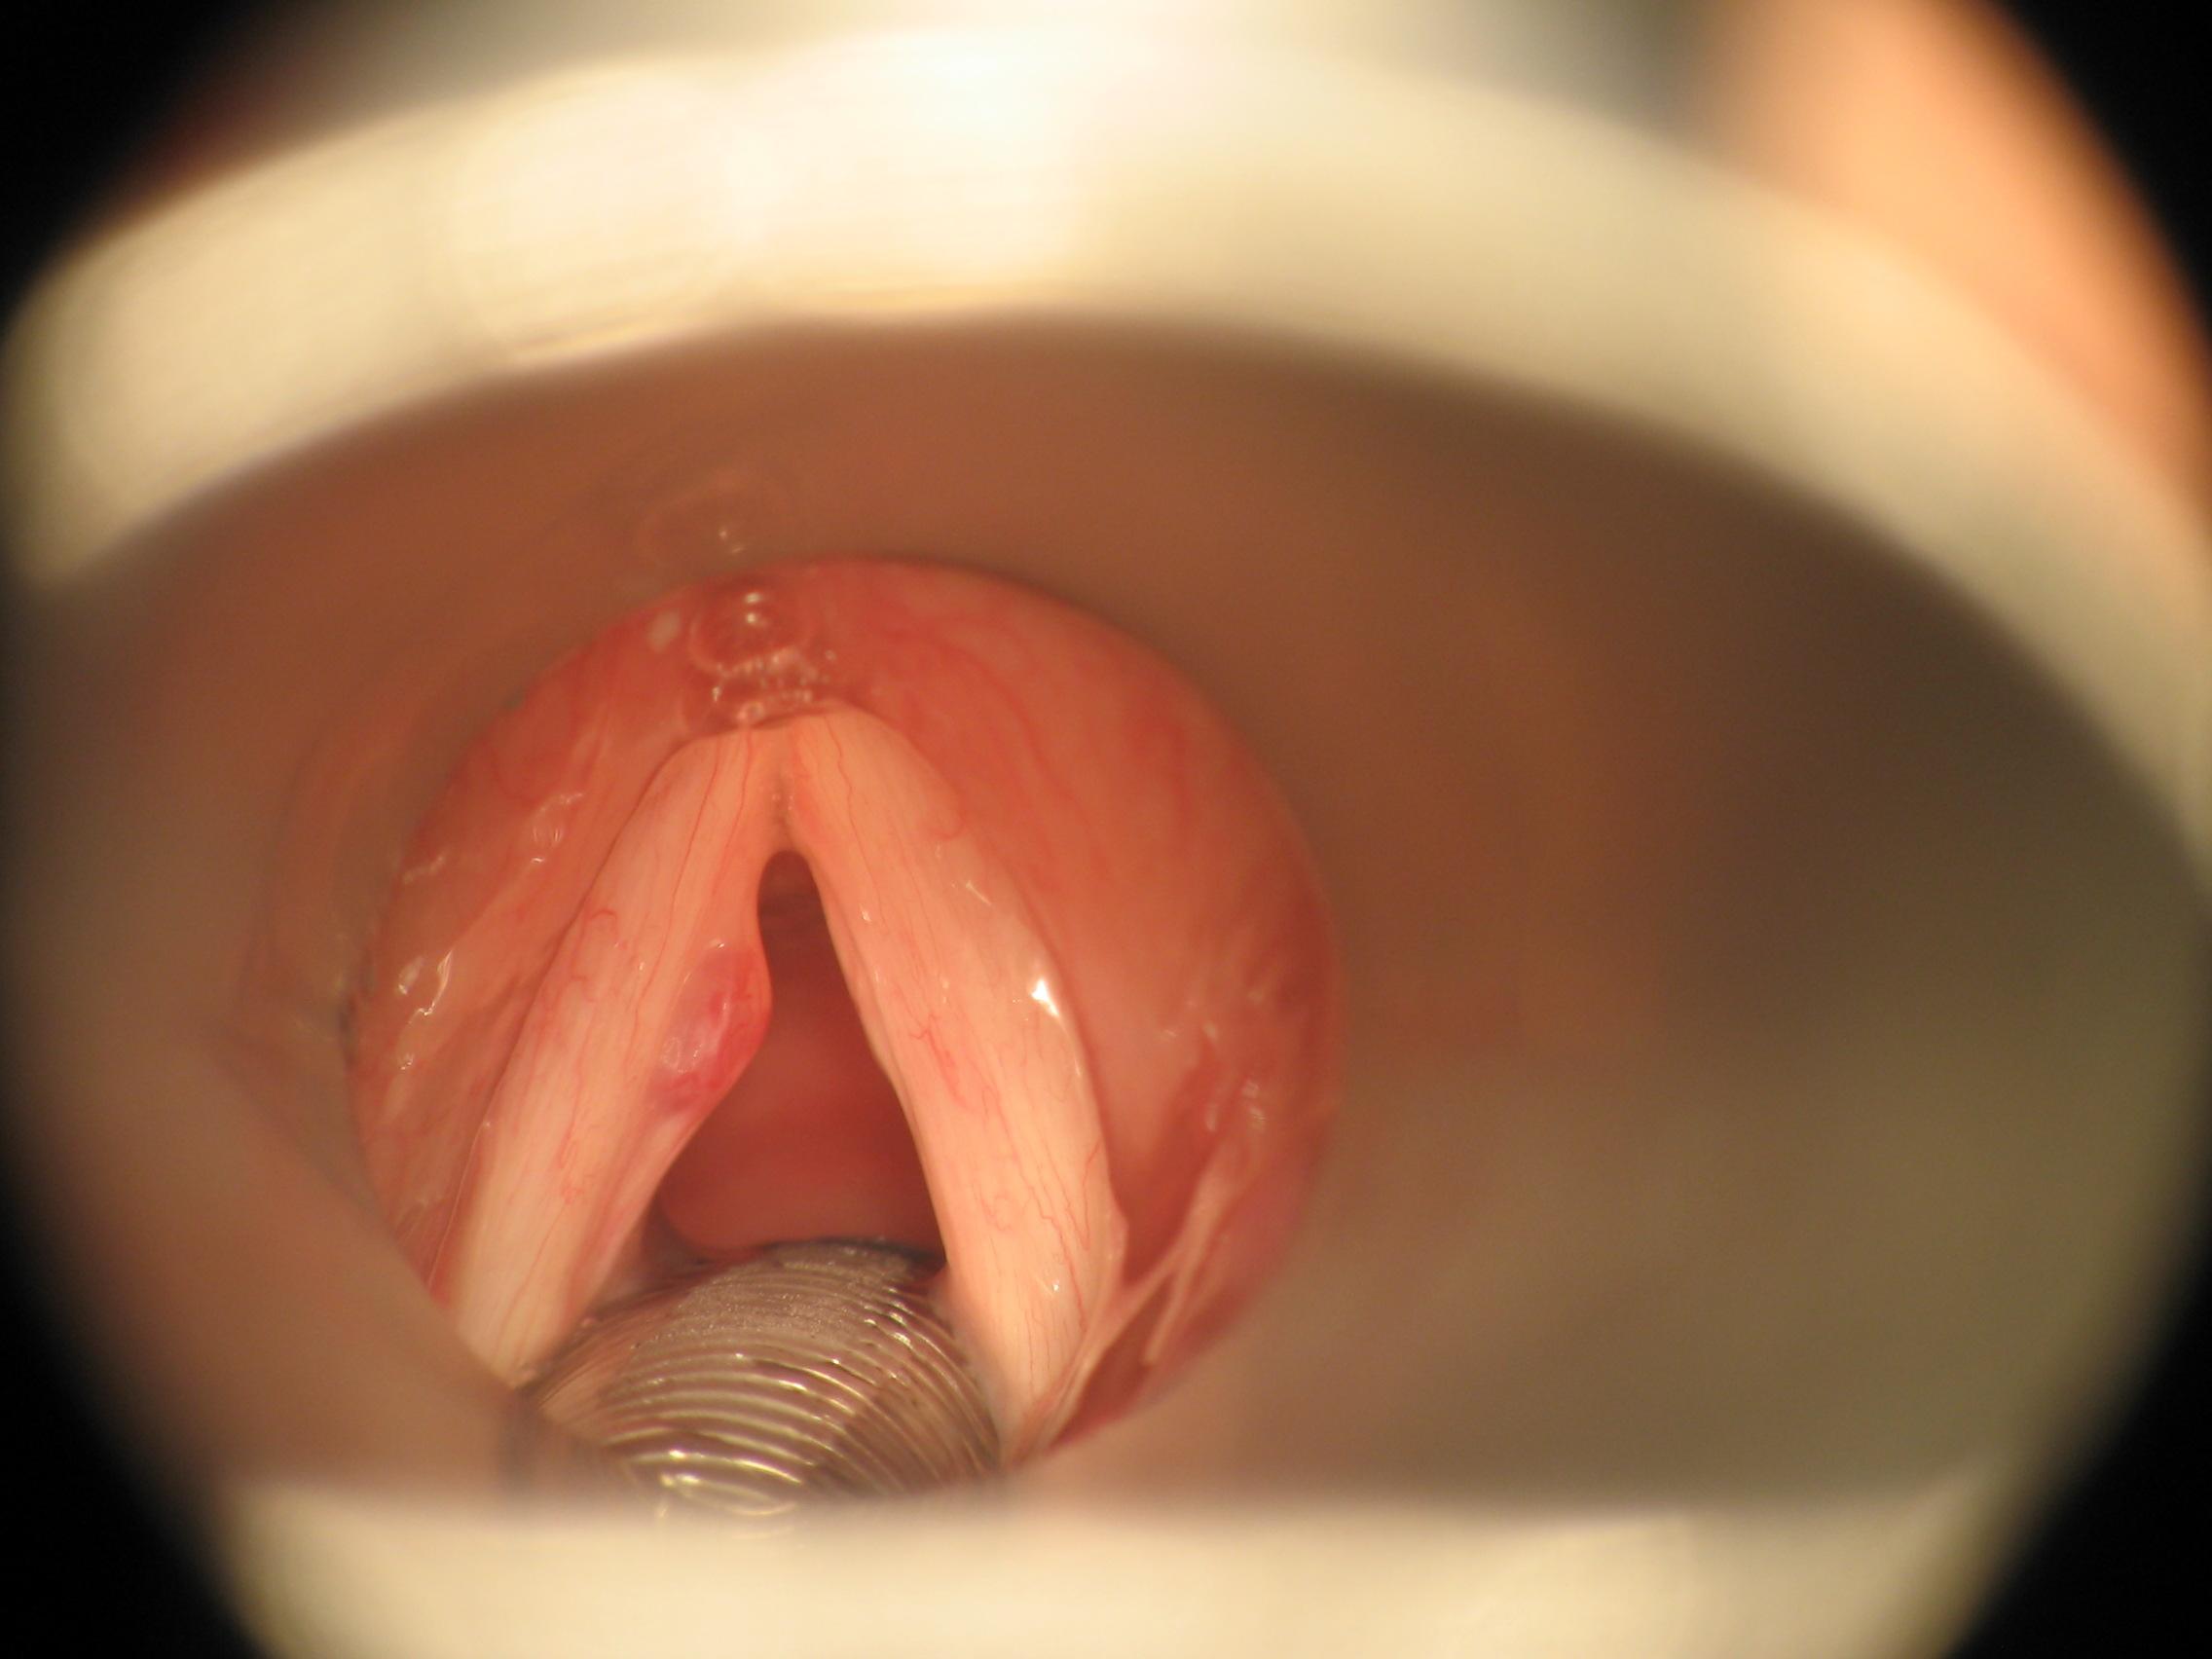 Natural tratamiento cuerdas polipos vocales